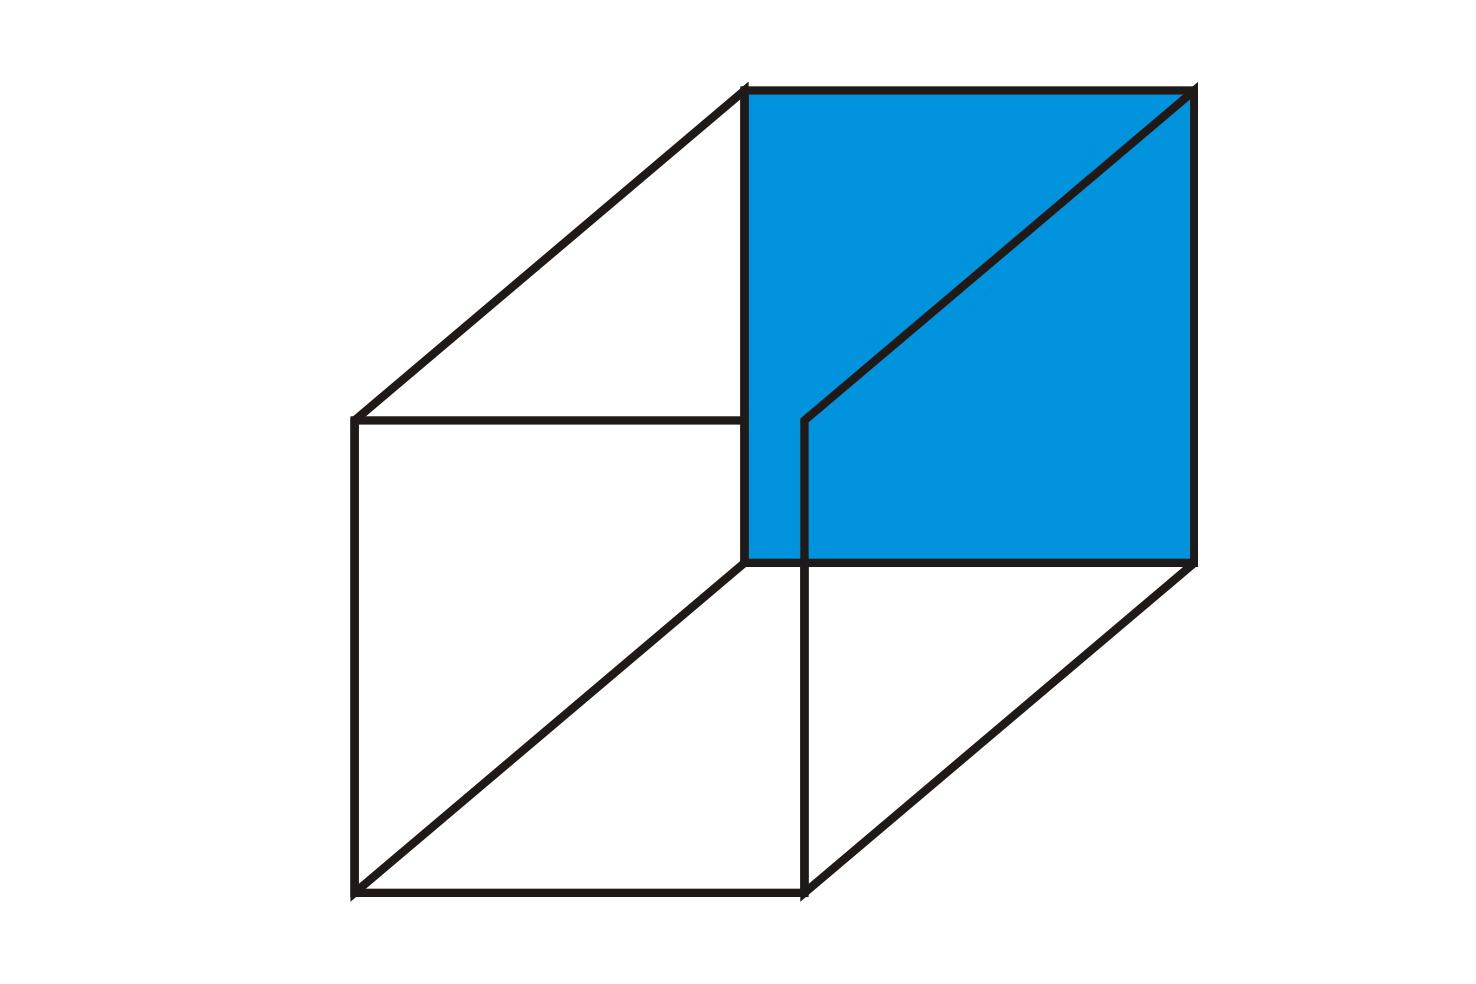 scatola felice percepciÓn del espacio introducciÓn al diseÑo